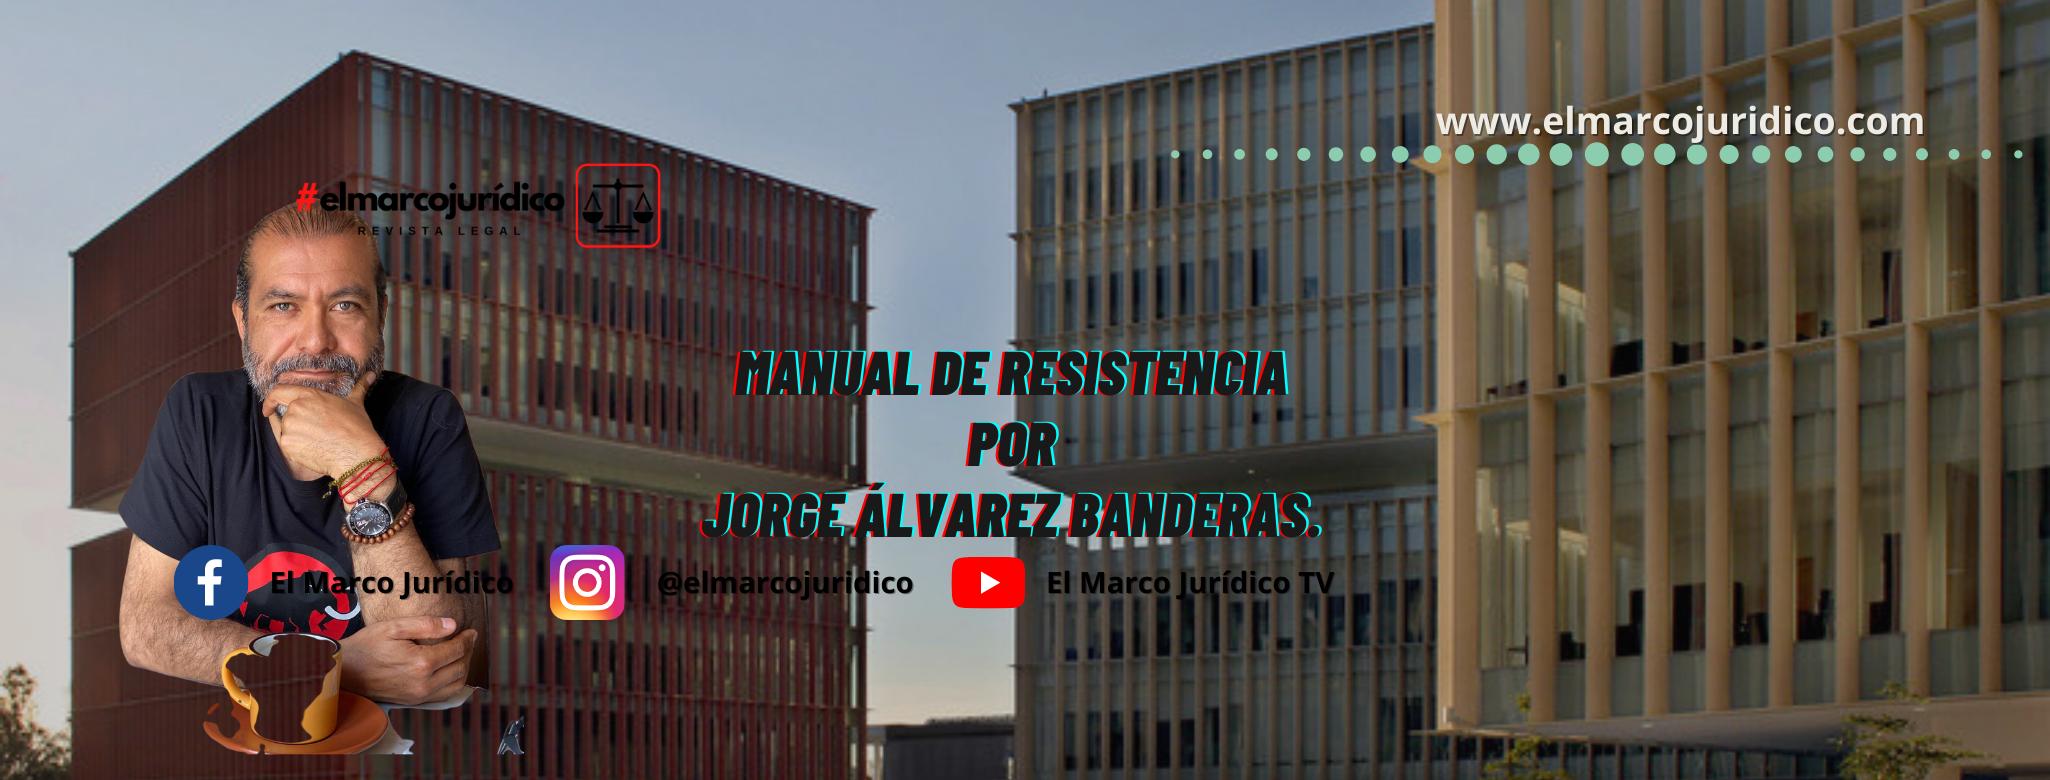 MANUAL DE RESISTENCIA   Jorge Álvarez Banderas.